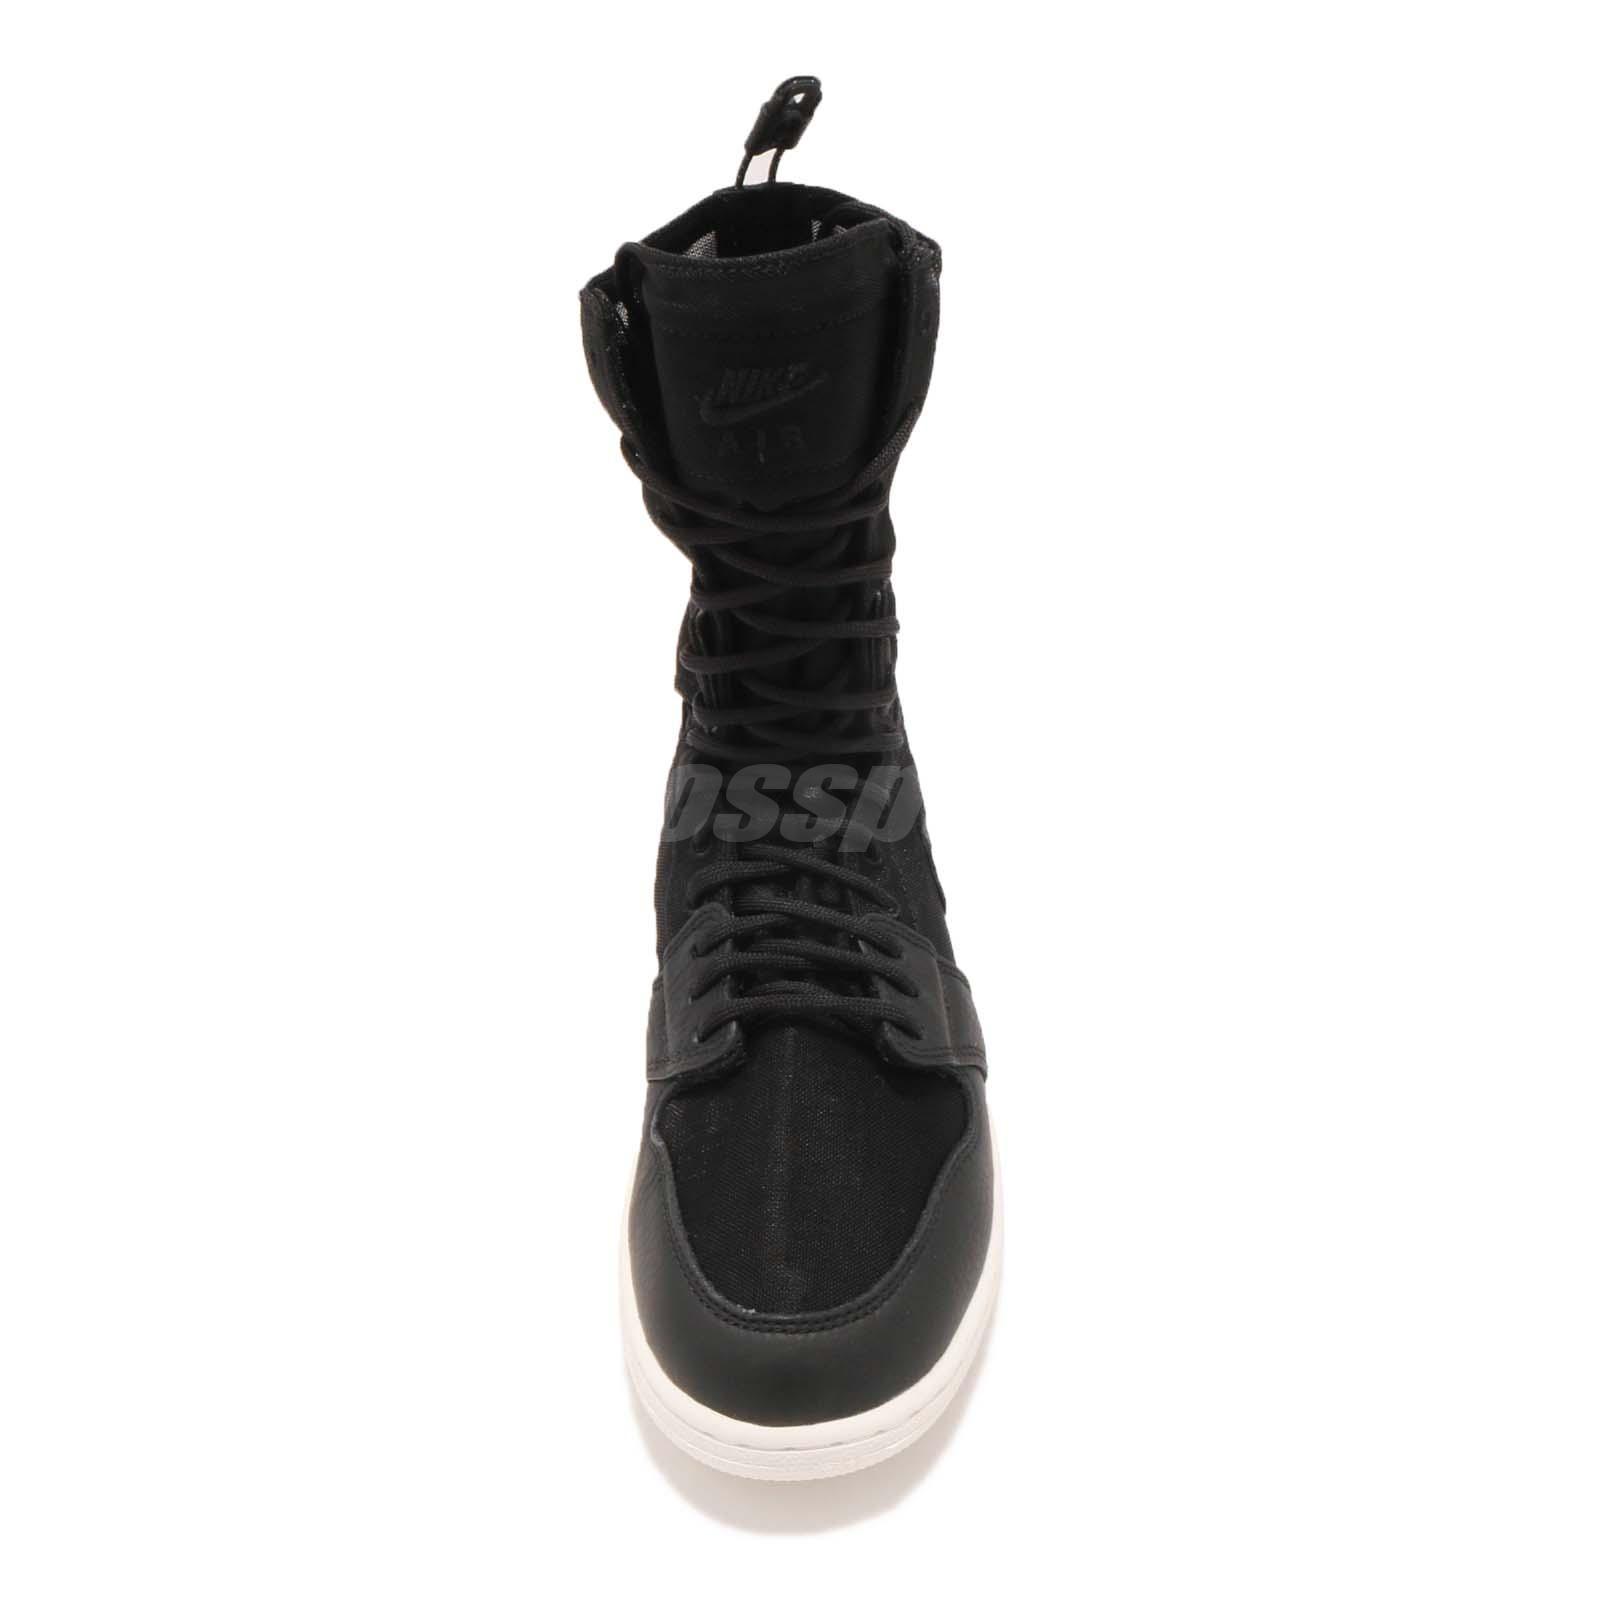 bc9509ac24d Nike Wmns Air Jordan 1 Explorer XX I AJ1 Hi Black Women Shoes Boots ...